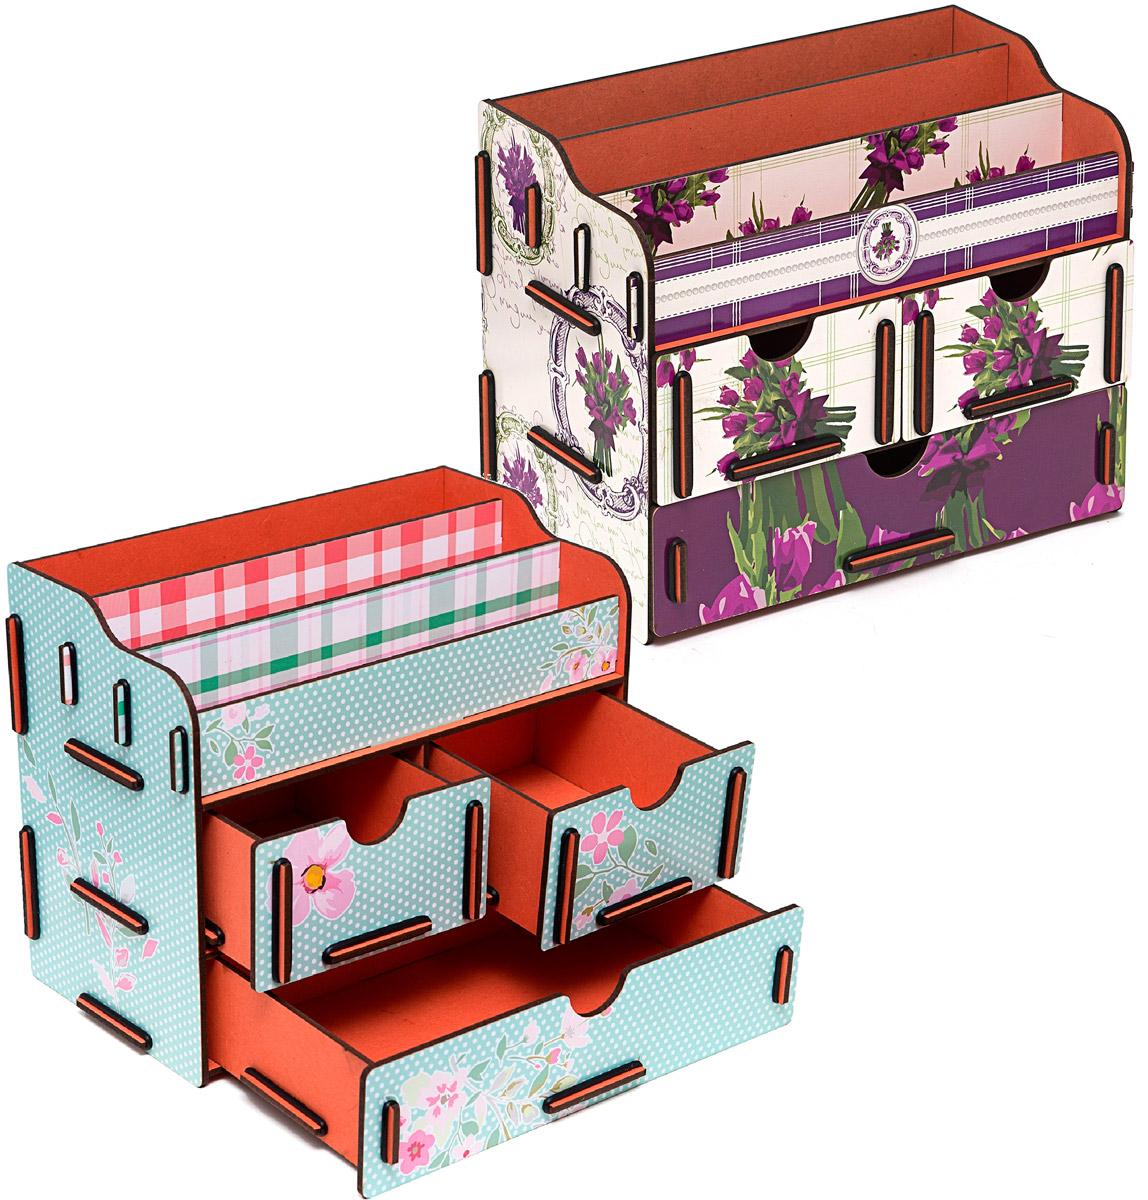 Набор шкатулок Homsu Цветы любви, для украшений, 2 штDEN-02Этот комплект из оригинальных сундучков имеет множество полочек сверху для хранения косметики, парфюмерии и аксессуаров, а также два маленьких ящичка размером 11см на 14,5см и один большой ящик размером 22см на 14,5см, которые позволят разместить в них все самое необходимое и сокровенное для каждой женщины. Шкатулочки можно поставить на стол, они станут отличным дополнением интерьера. 240х140х190; 240х140х190